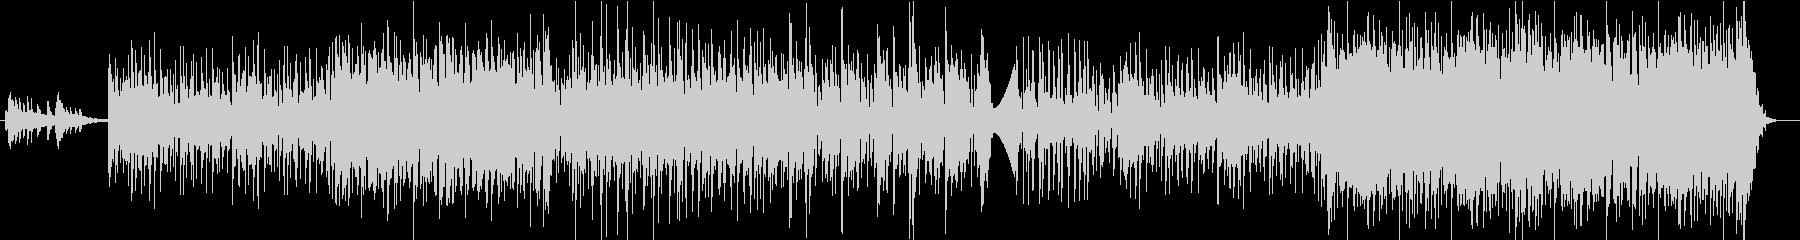 カッティングギター・踊れるフュージョンの未再生の波形